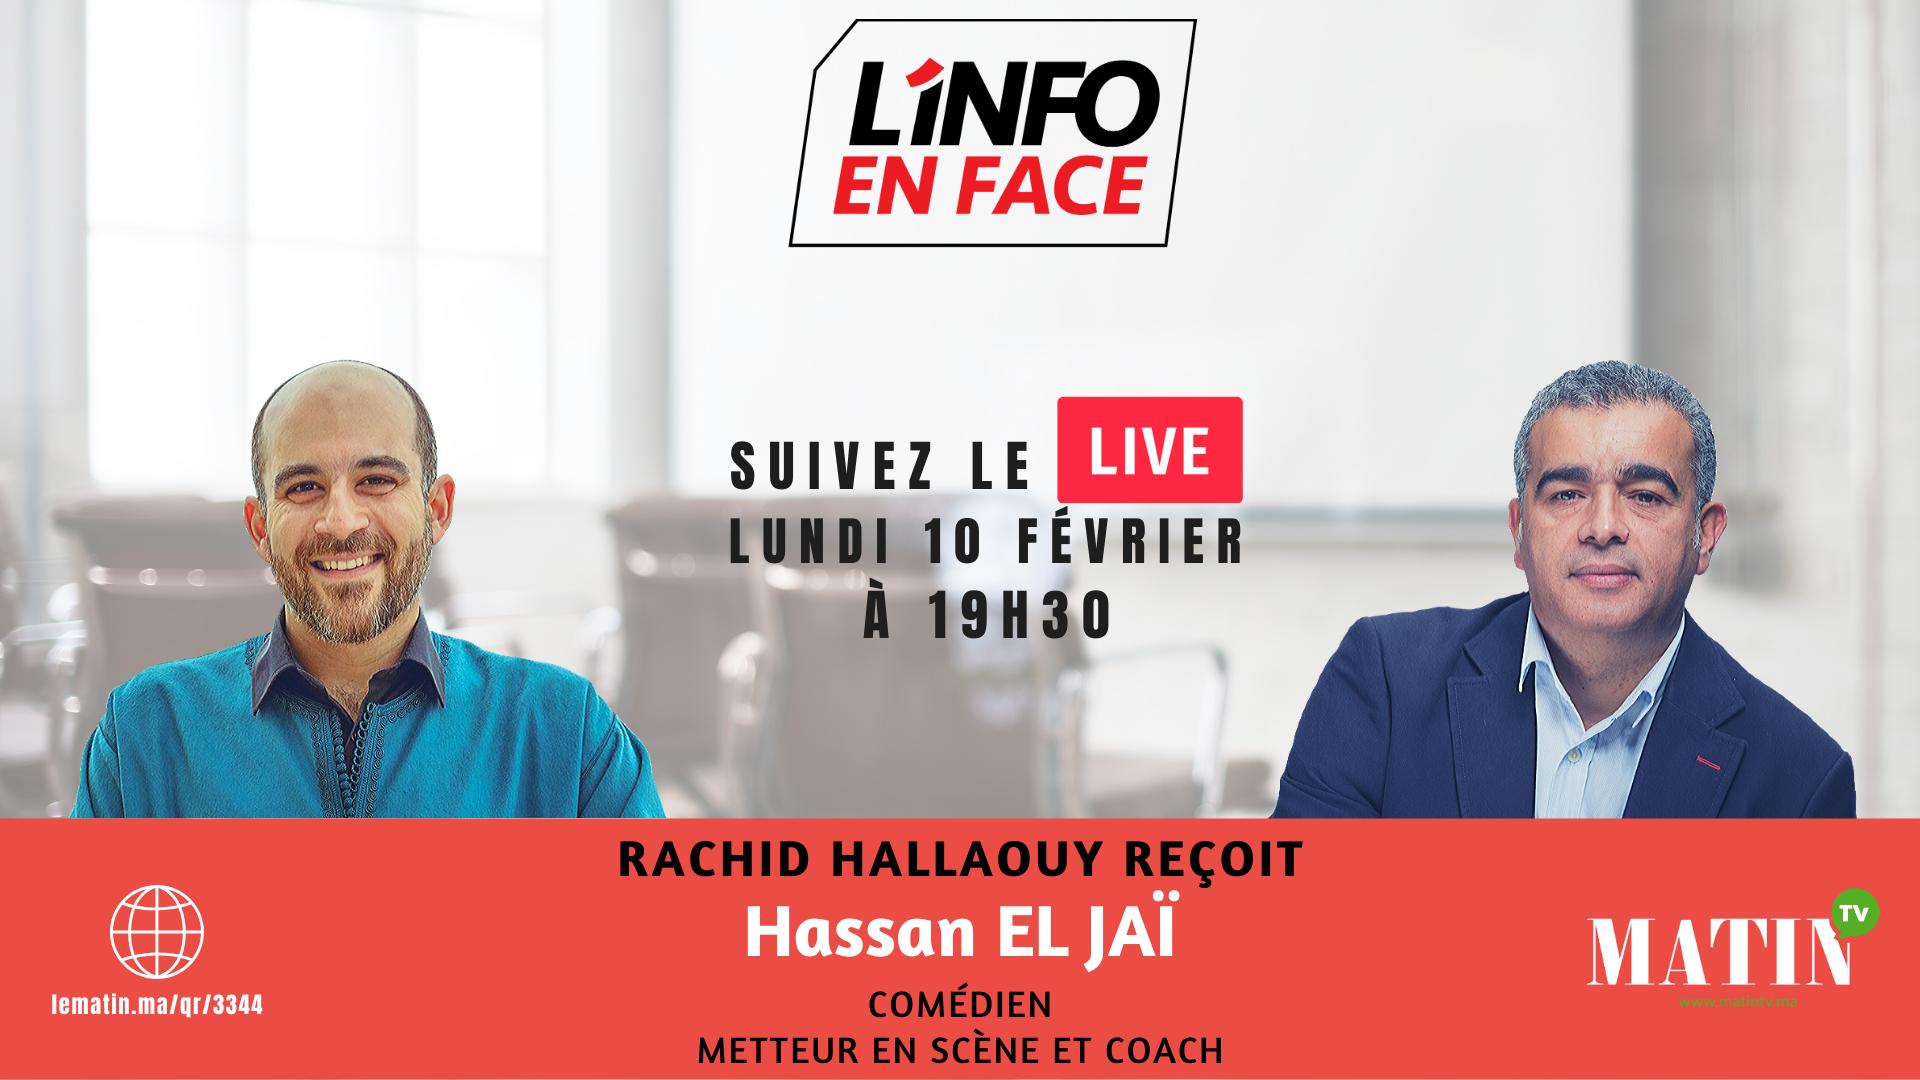 Live : L'Info en Face avec Hassan El Jaï